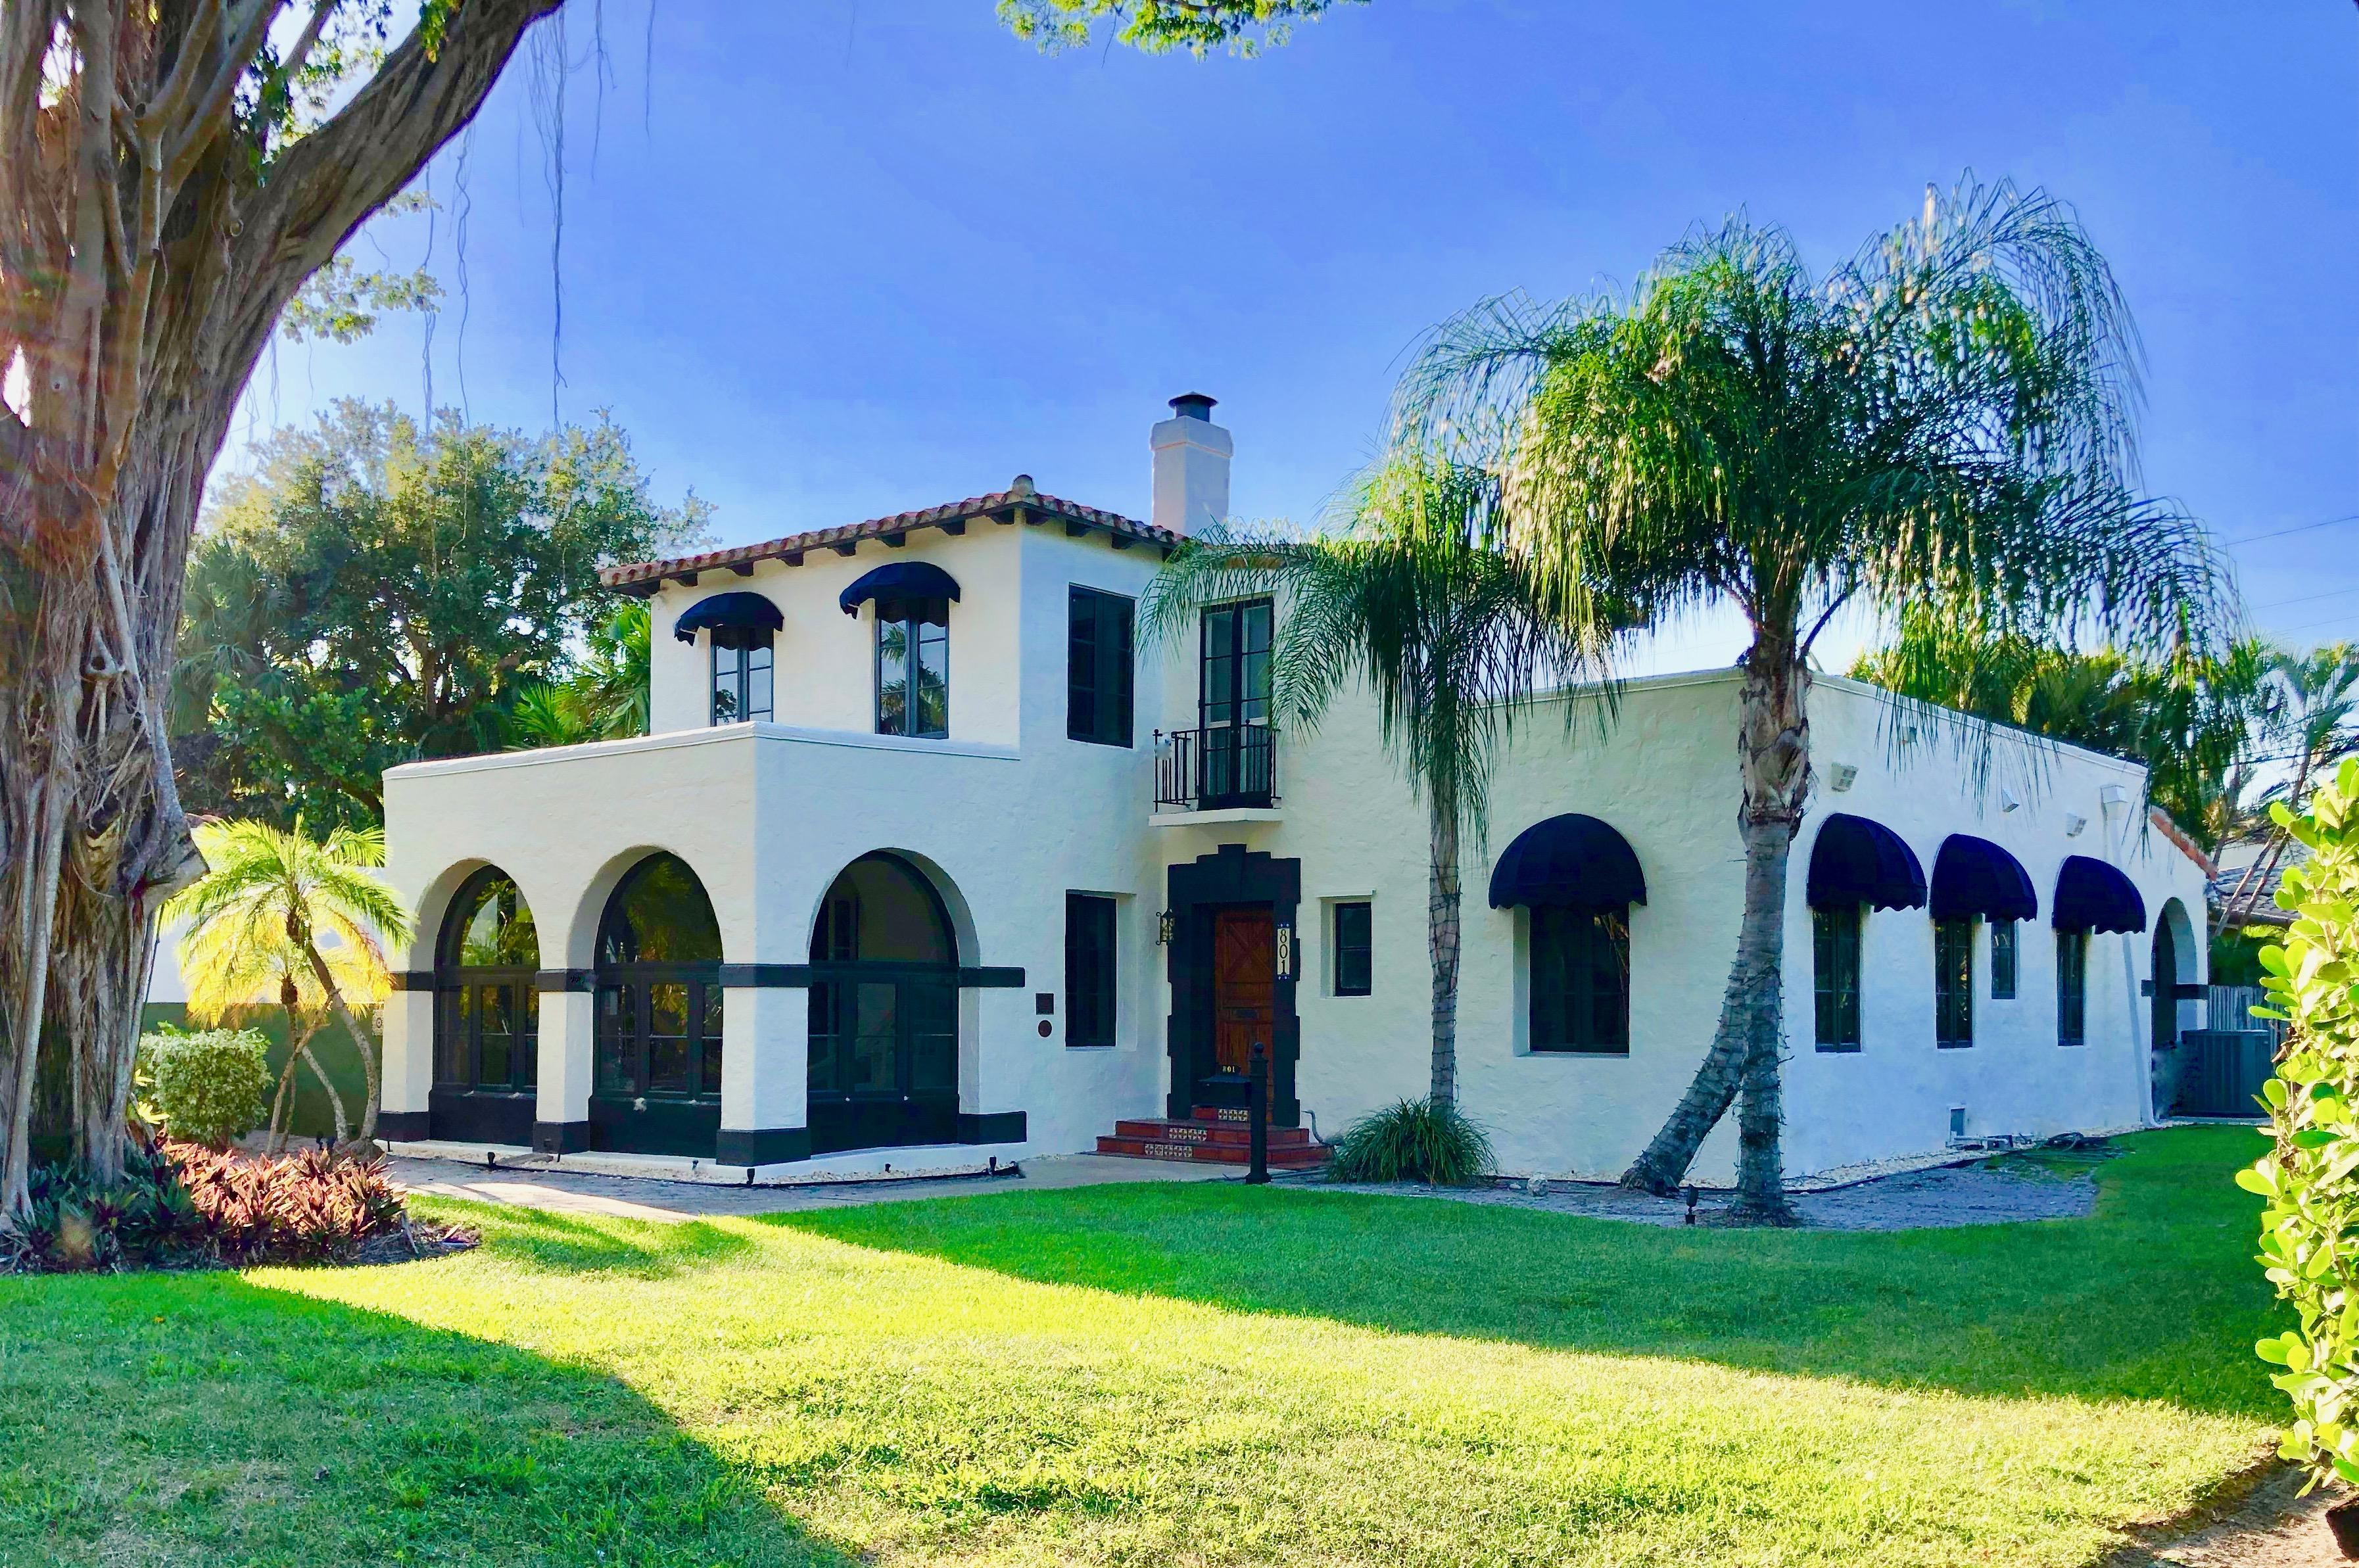 Fred C. Aiken House Mizner Mediterranean Style Architecture